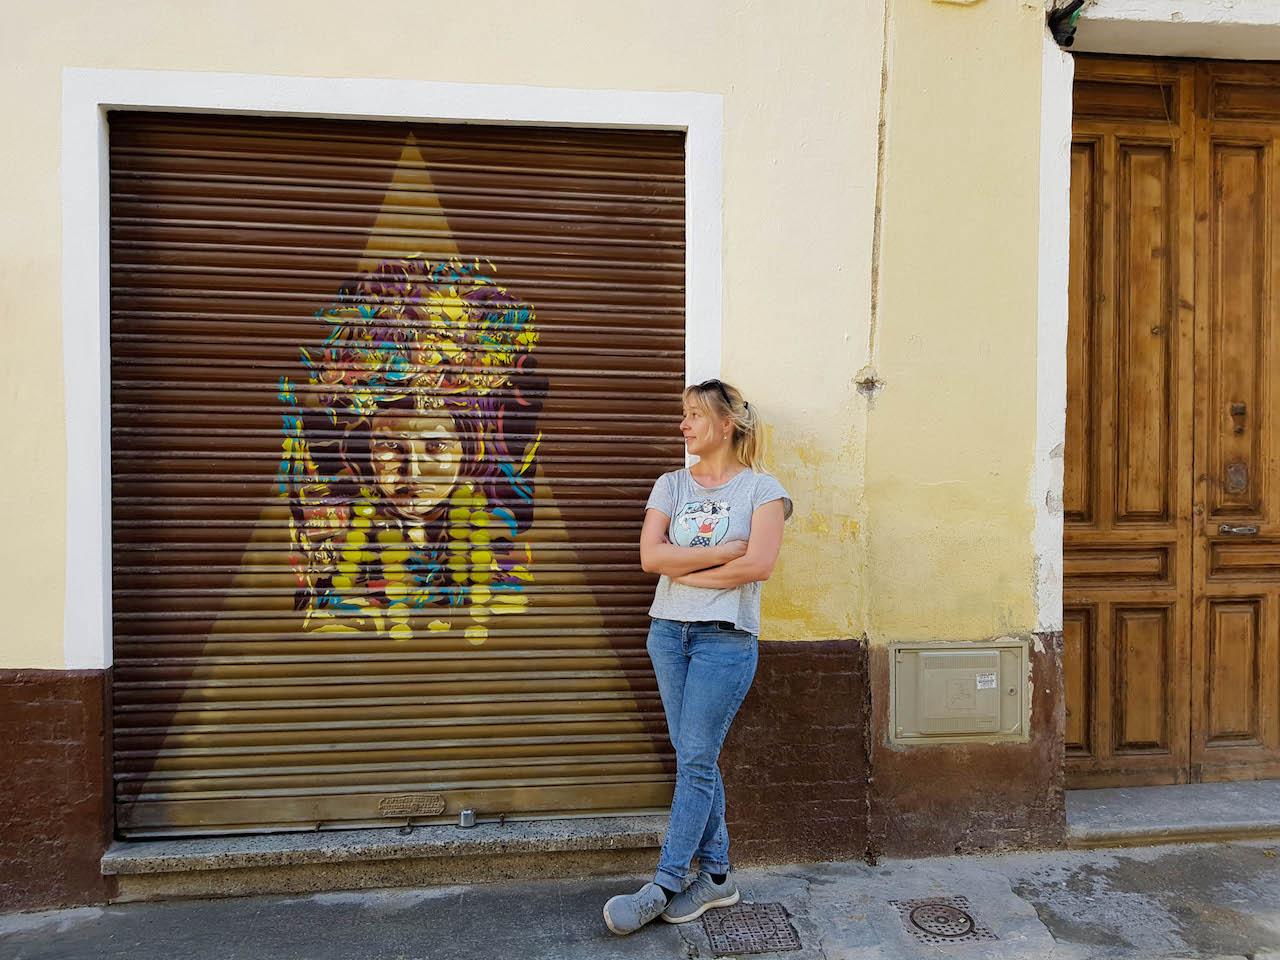 Streetart in Malaga.